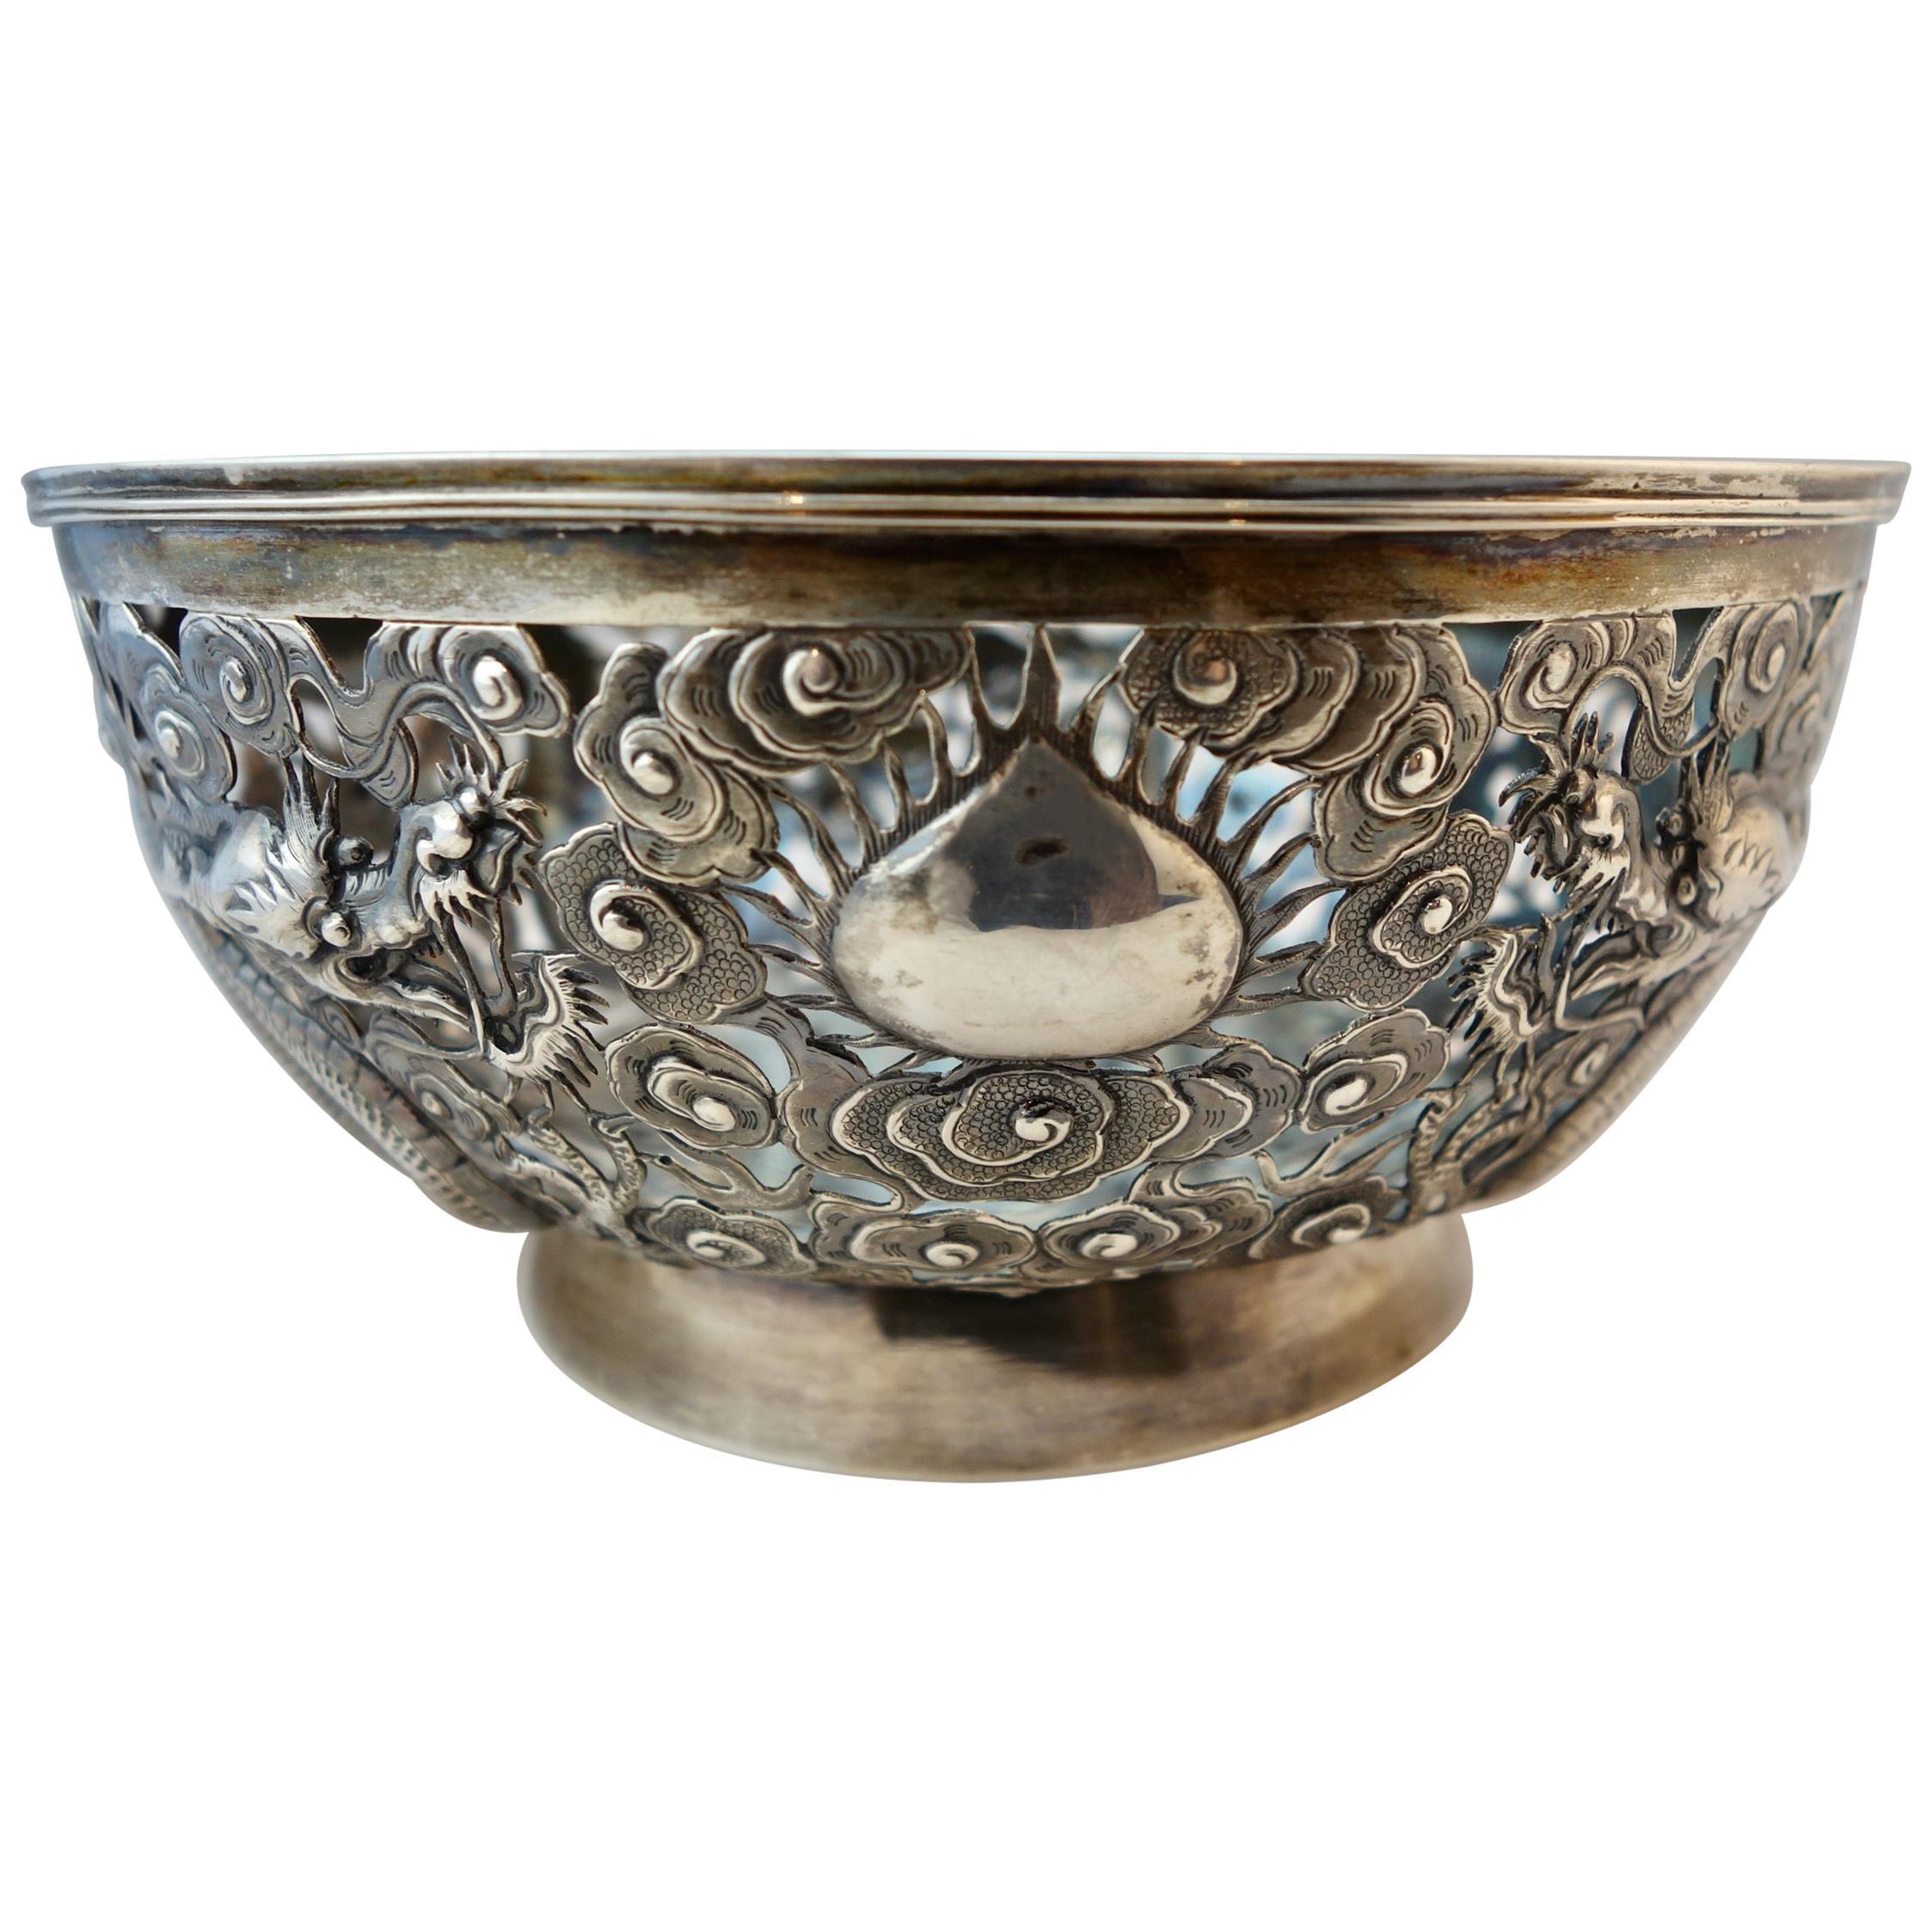 Chinese Export Silver Openwork Dragon Bowl by Wang Hing & Co, Hong Kong, 1890